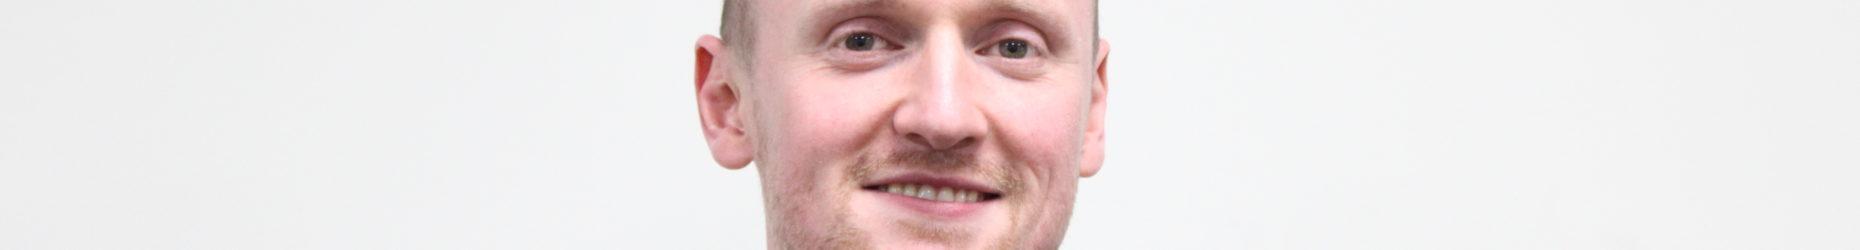 Andrew Linehan headshot